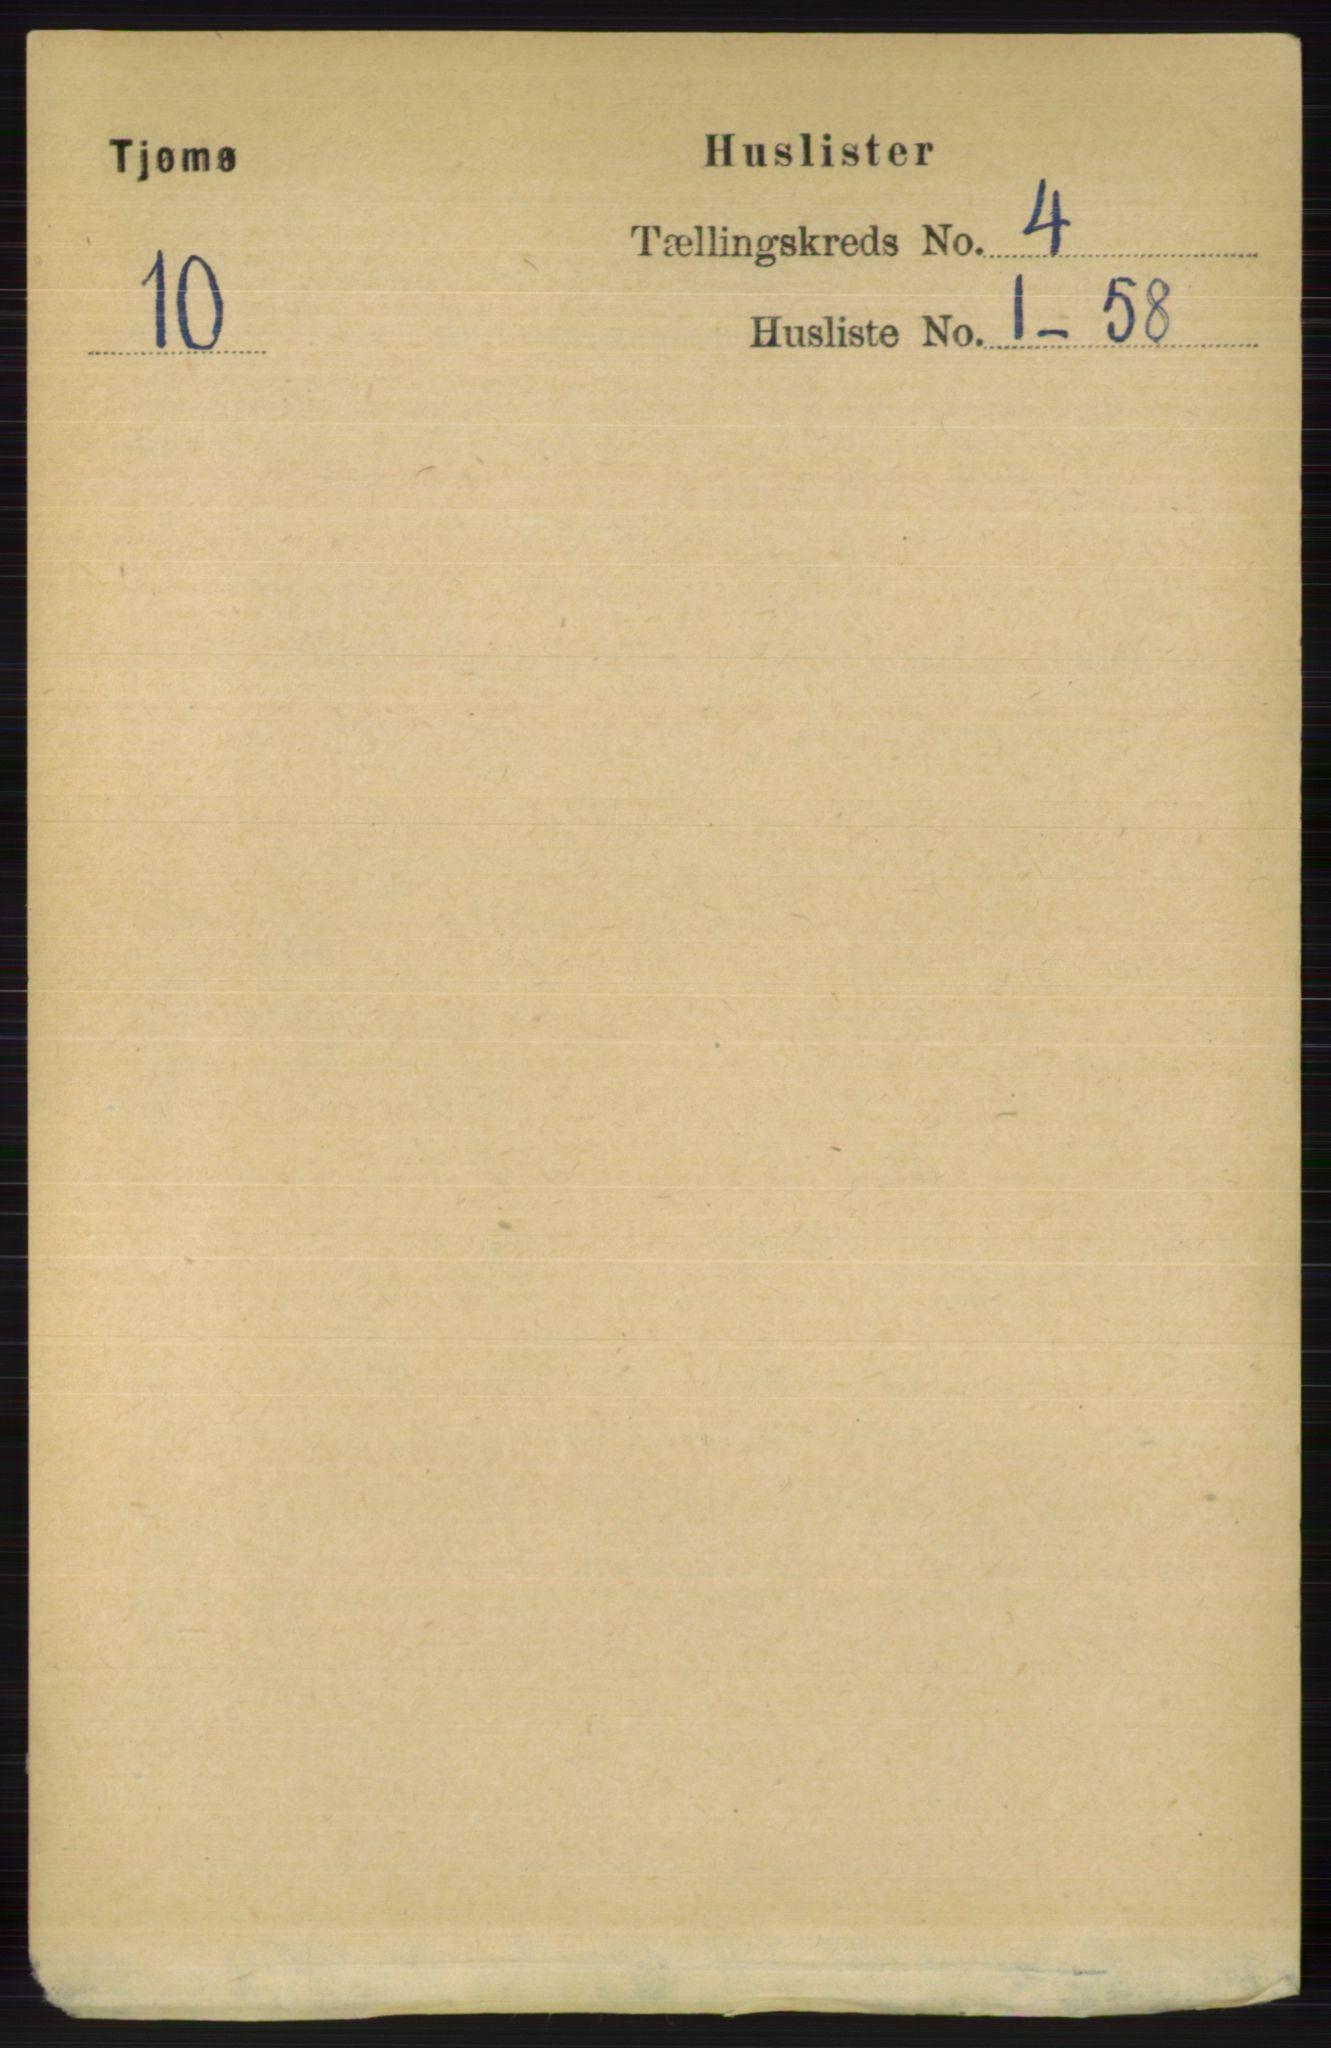 RA, Folketelling 1891 for 0723 Tjøme herred, 1891, s. 1210